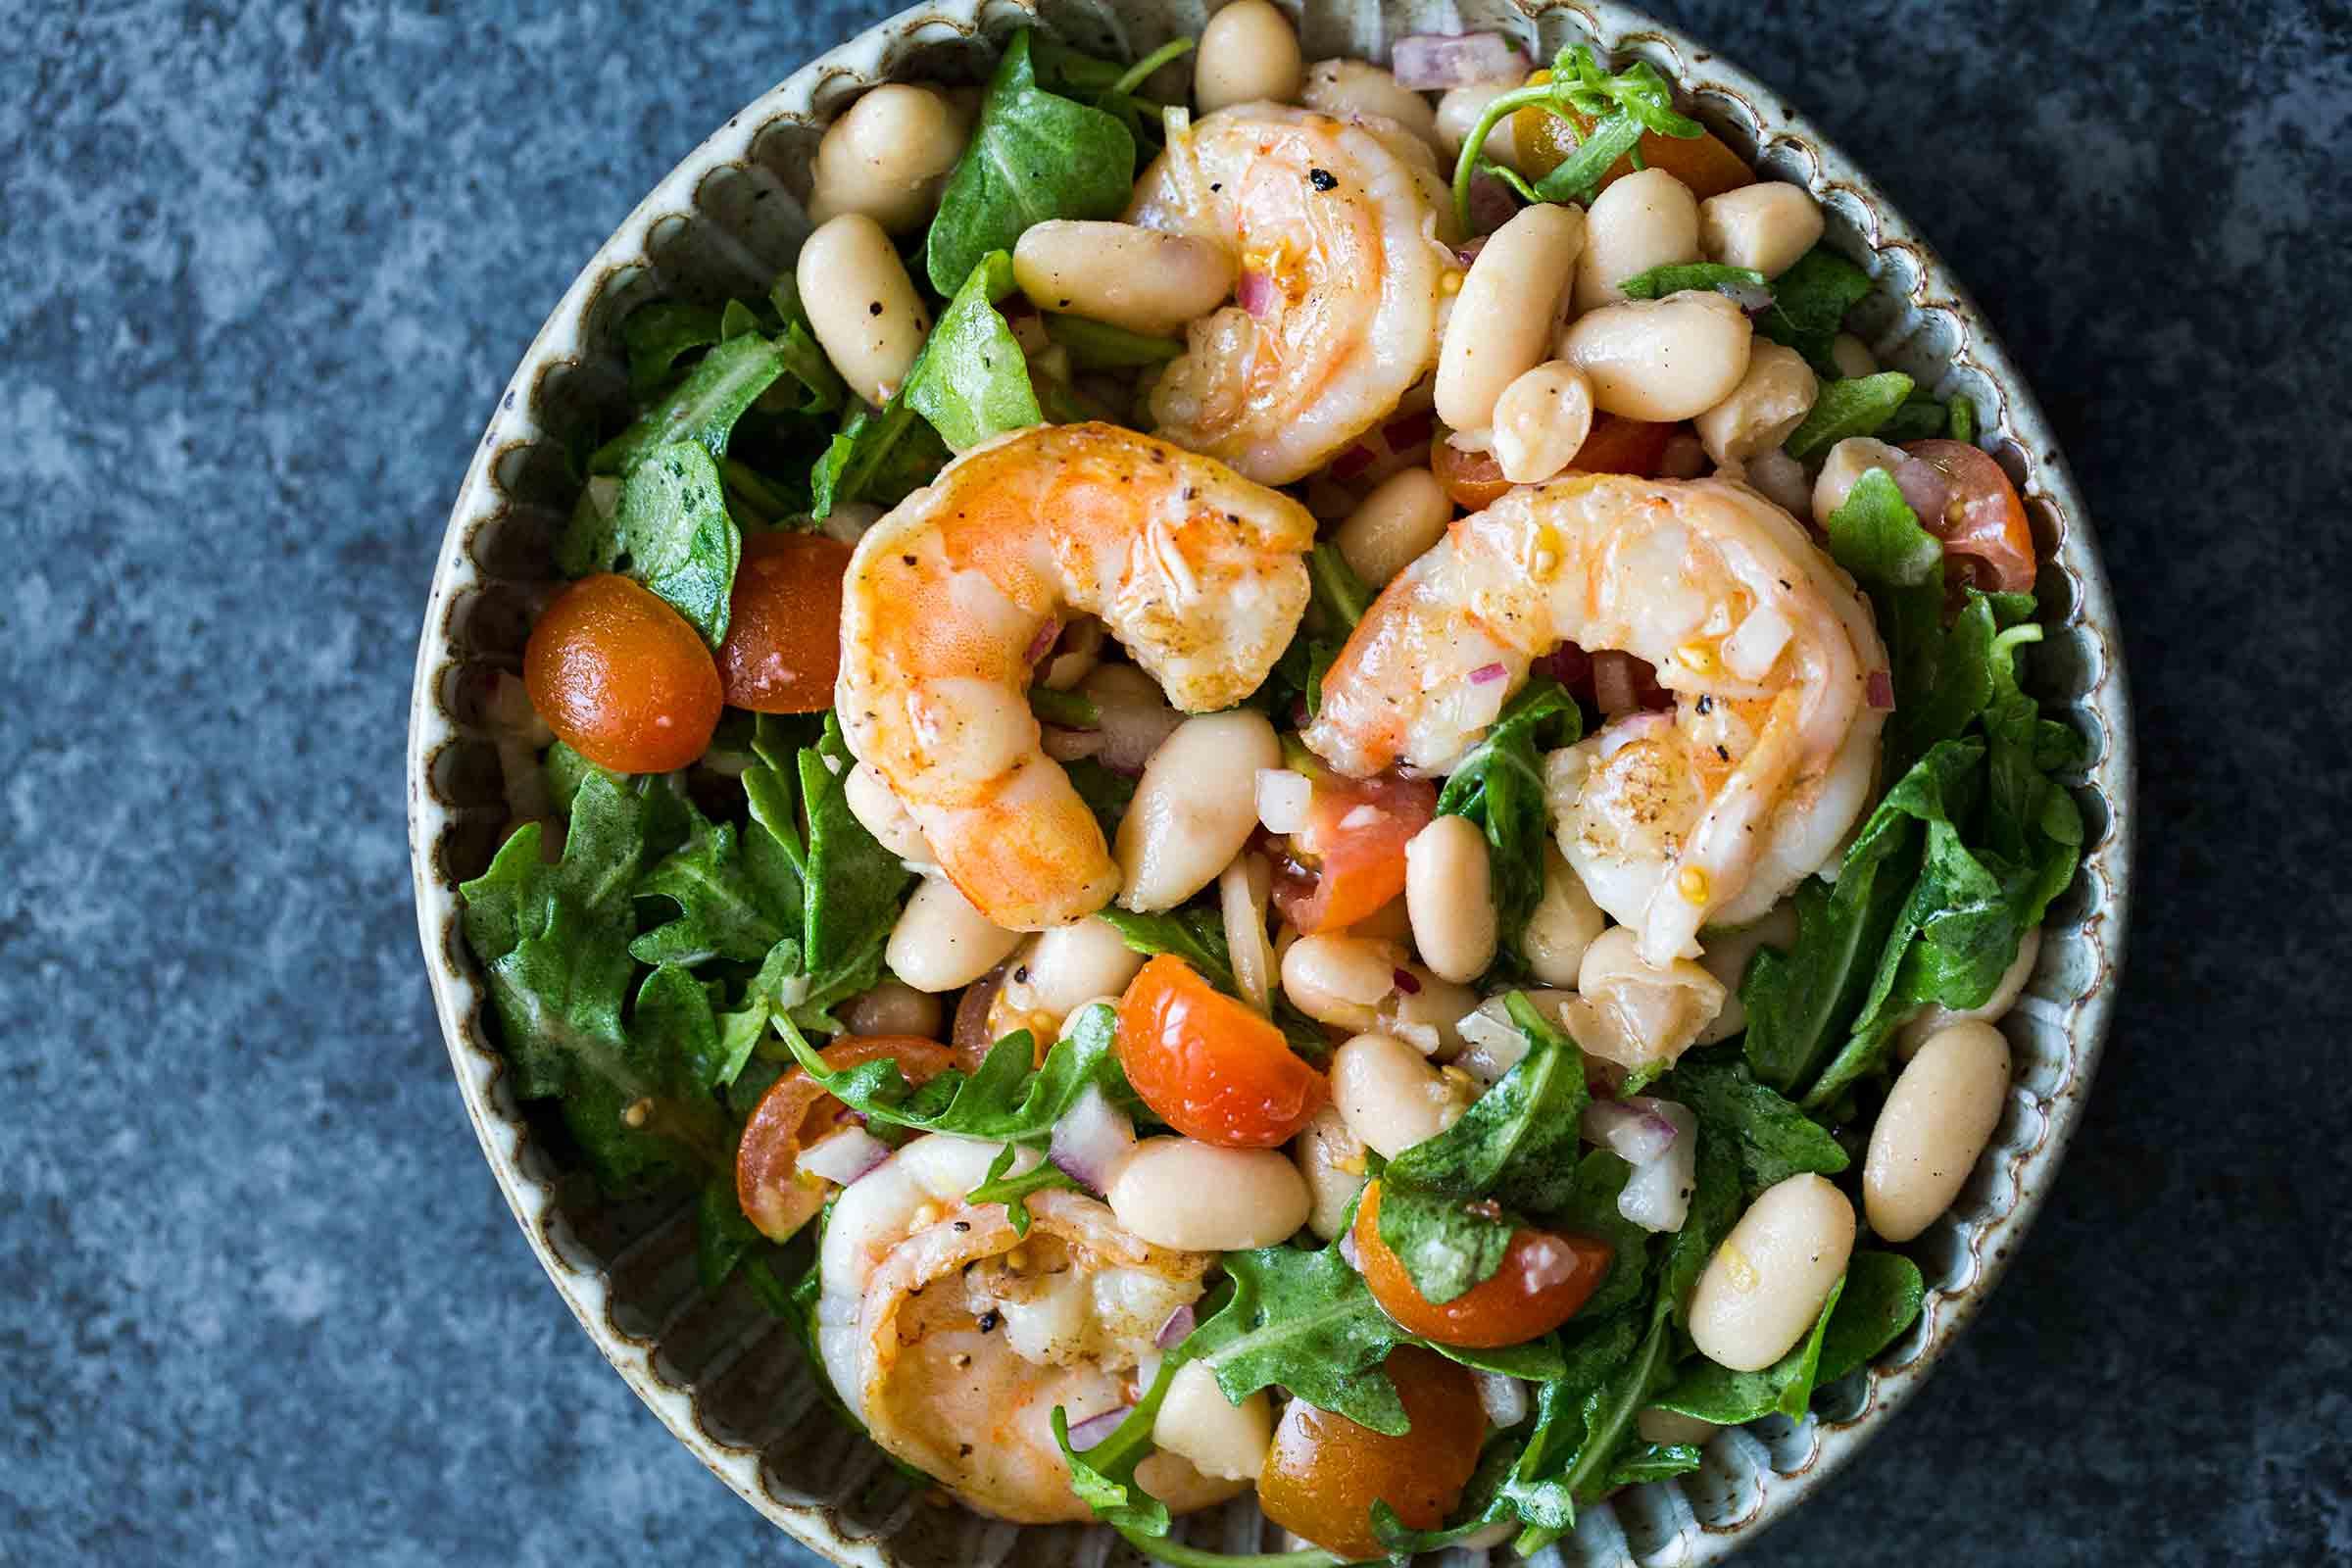 Как приготовить салат с креветками?